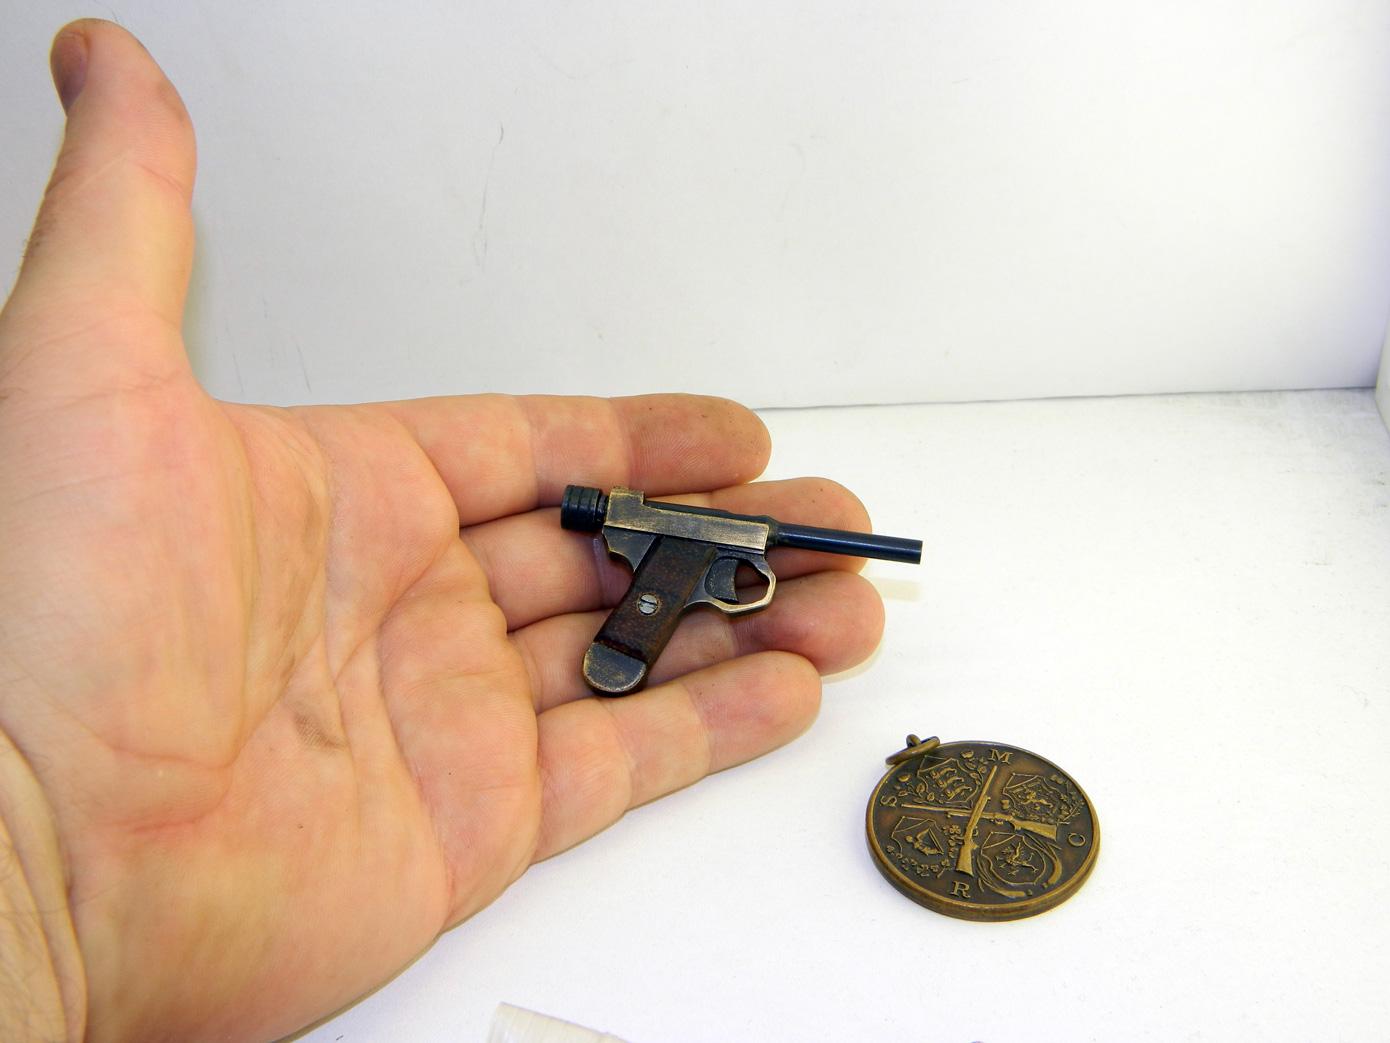 миниатюрный пистолет nambu type 14